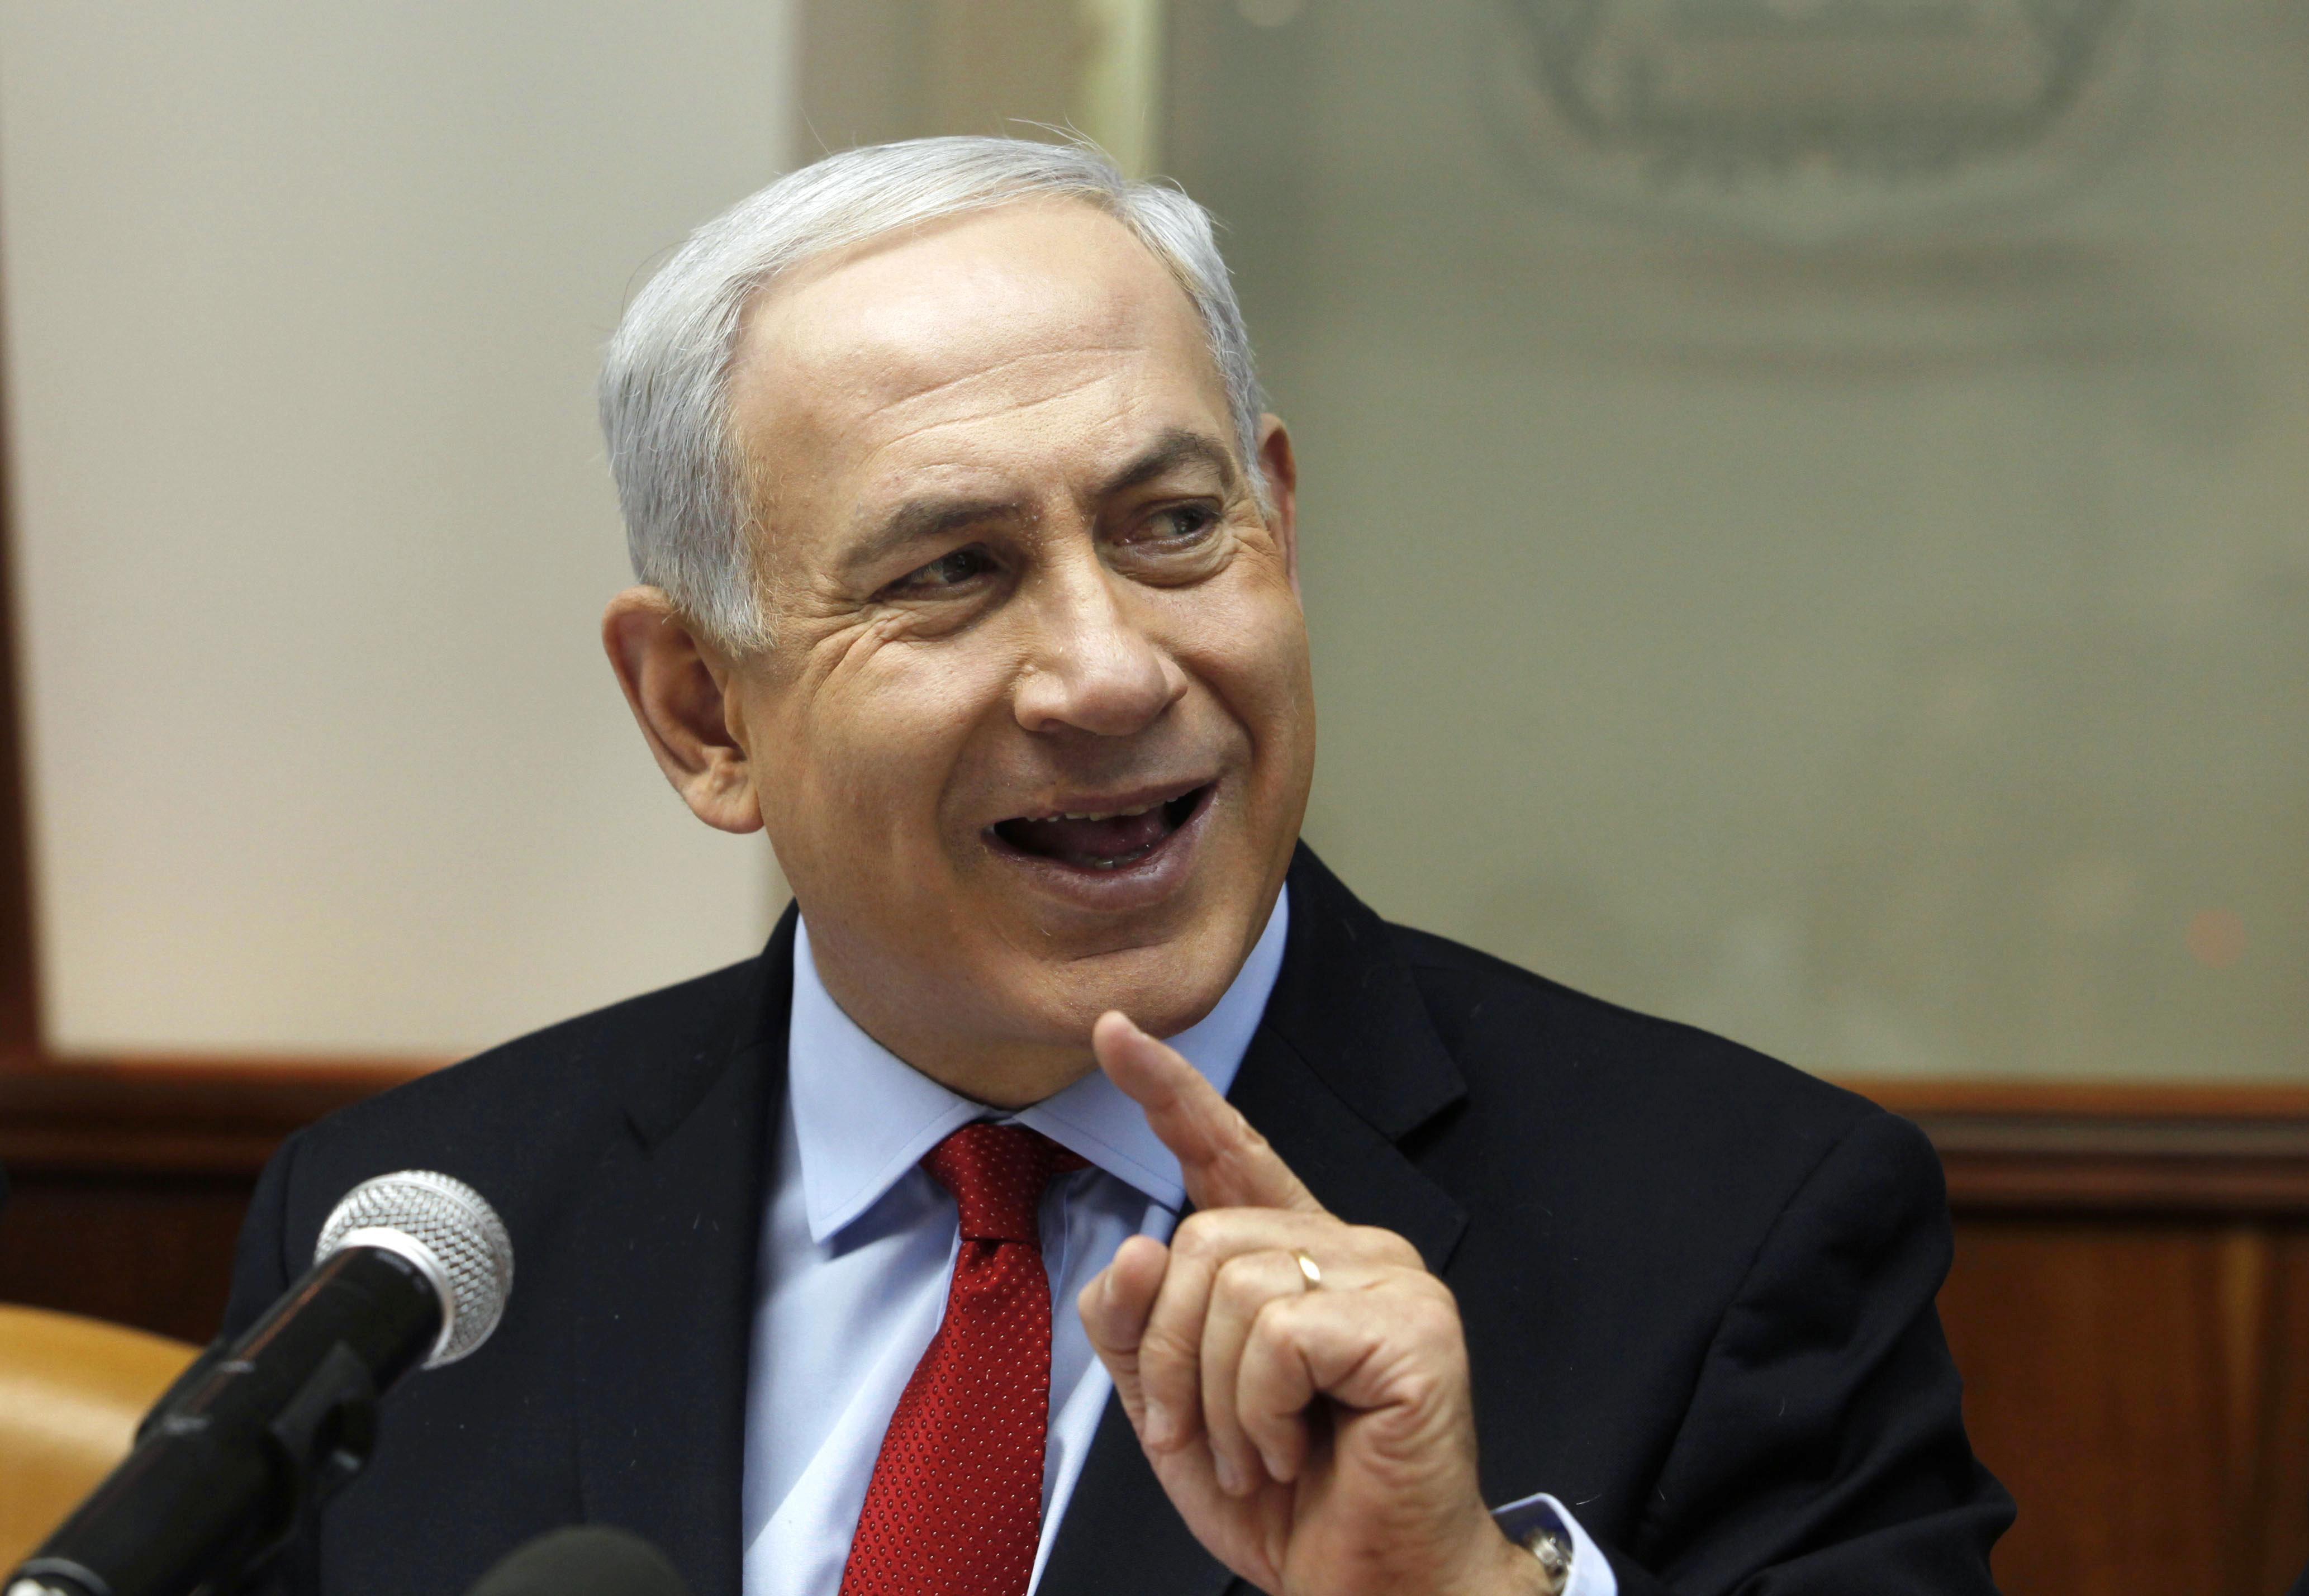 Bibi Netanyahu, tra lui e Barack Obama non vi è una gran simpatia (Ap)